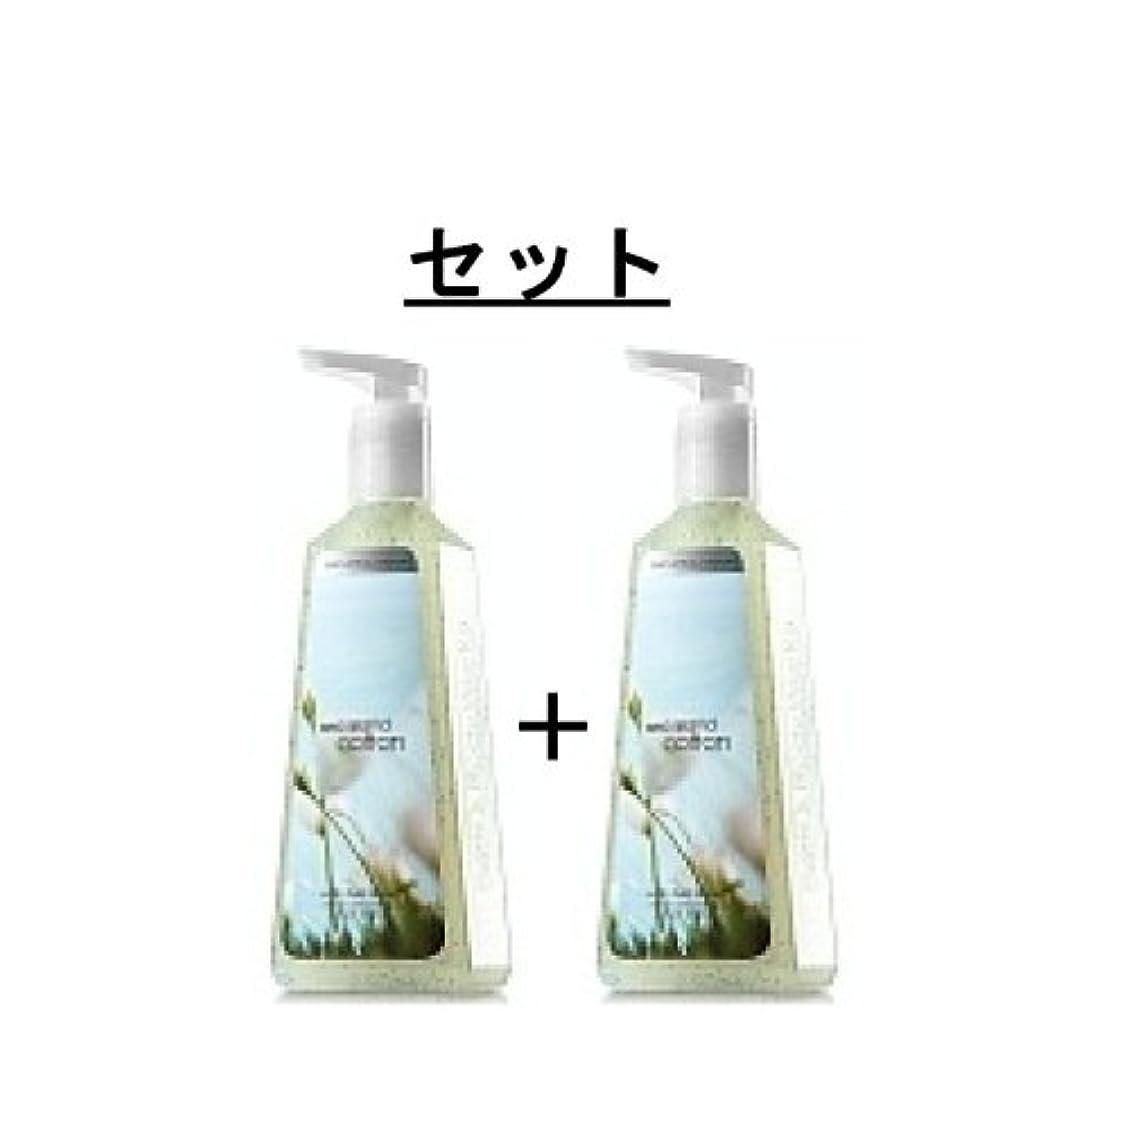 確立ワゴン排泄するBath & Body Works Sea Island Cotton Antibacterial Deep Cleansing Hand Soap Set of 2 シーアイランドコットン【並行輸入品】